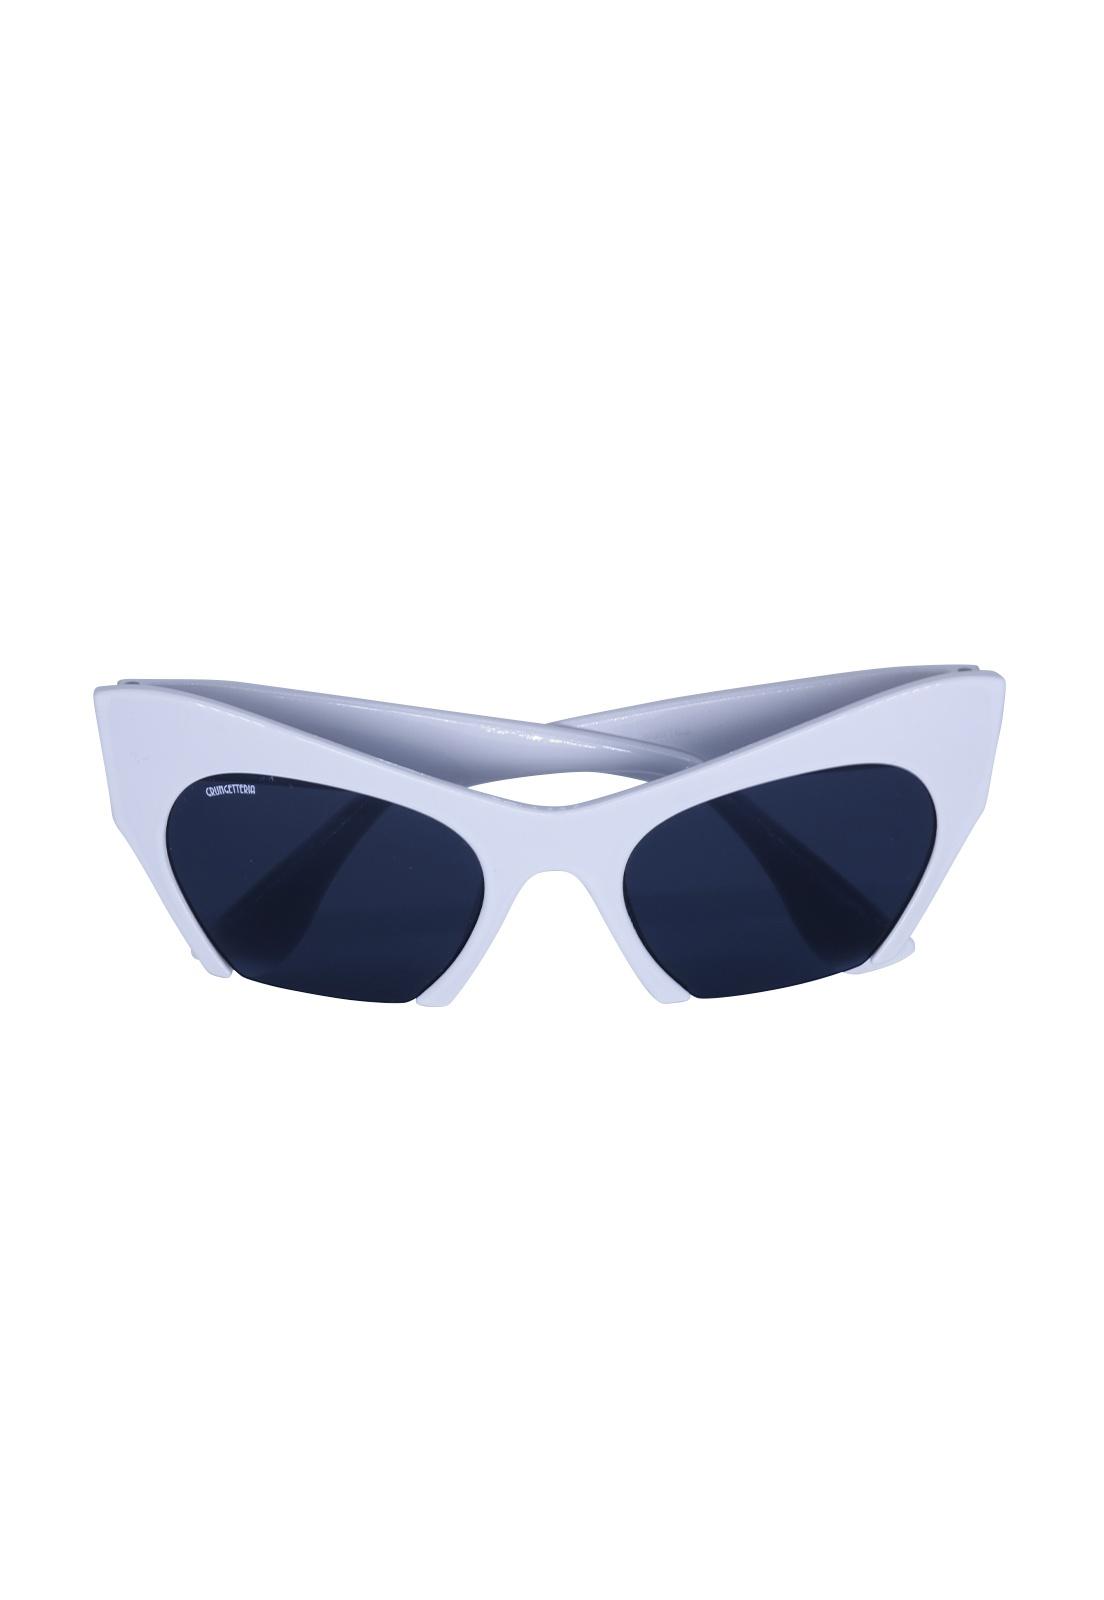 Óculos de Sol Grungetteria Optimus Branco